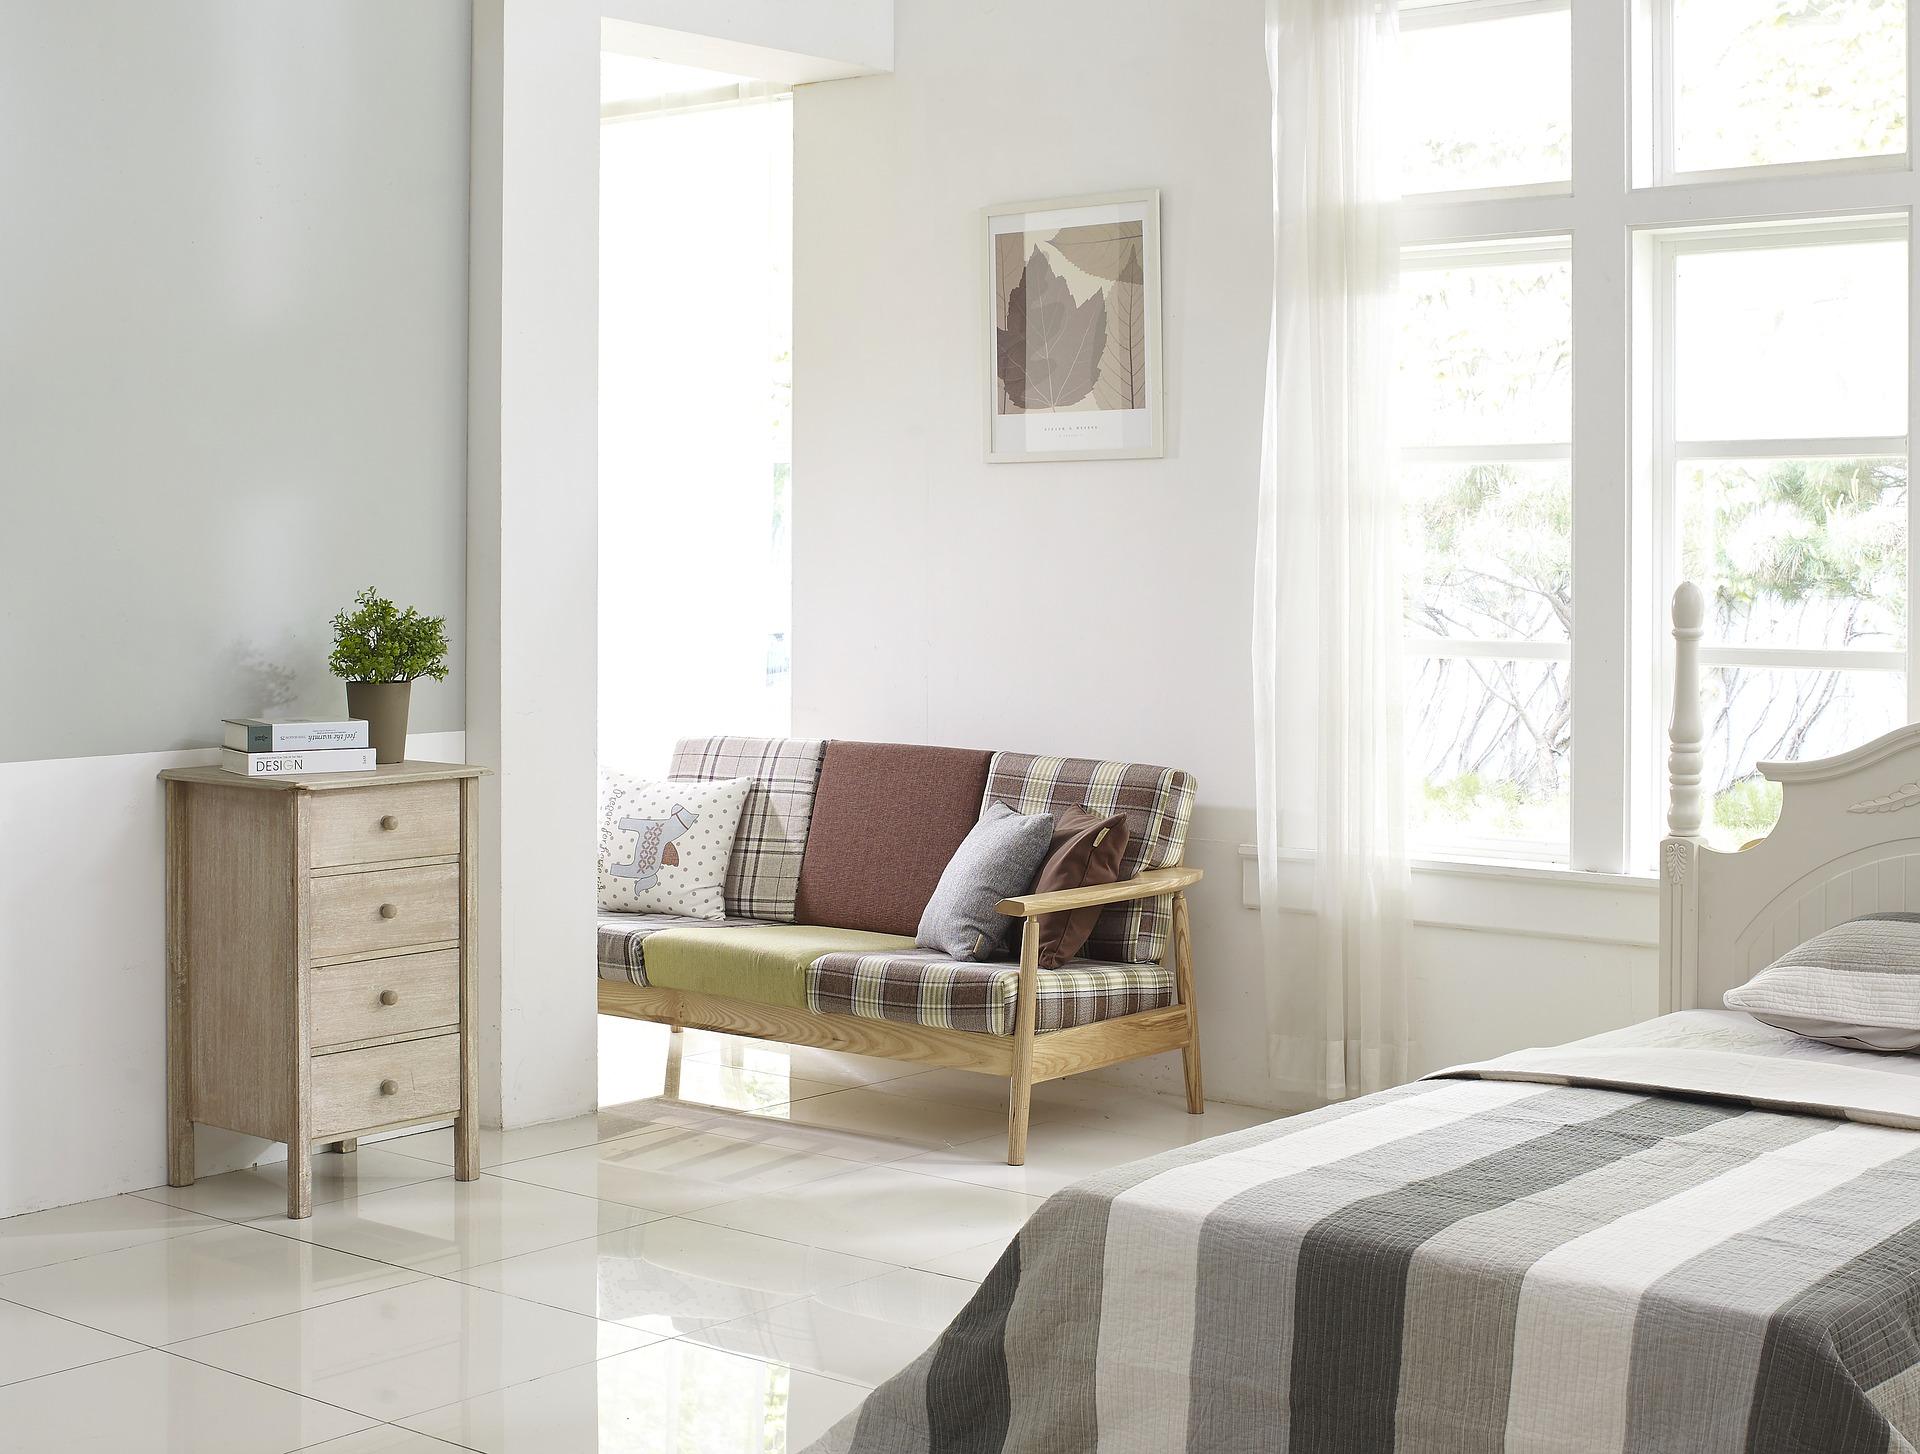 Schlafzimmer Boden | Welcher Boden Passt Ins Schlafzimmer M Wawer Gmbh Co Kg